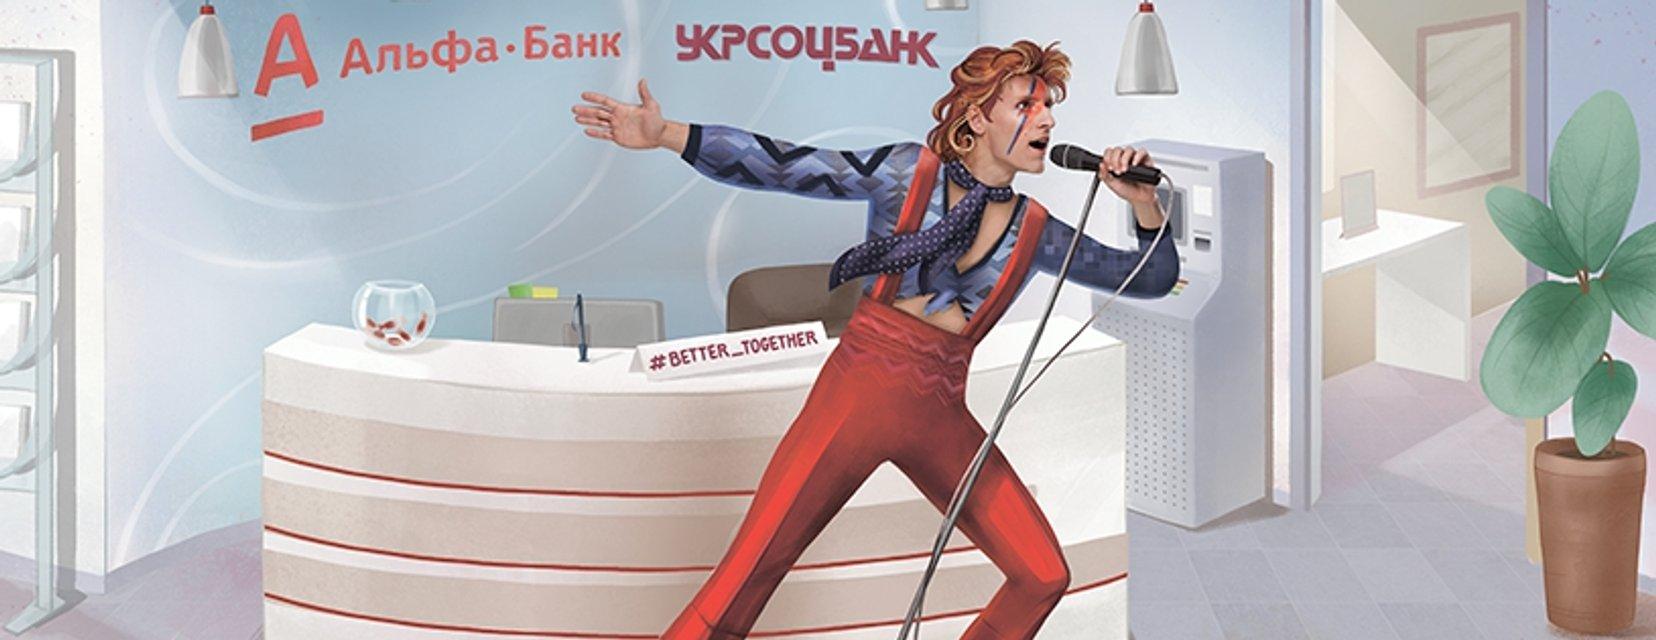 Альфа-Банк и Укрсоцбанк использовали Дэвида Боуи в рекламе - фото 63667